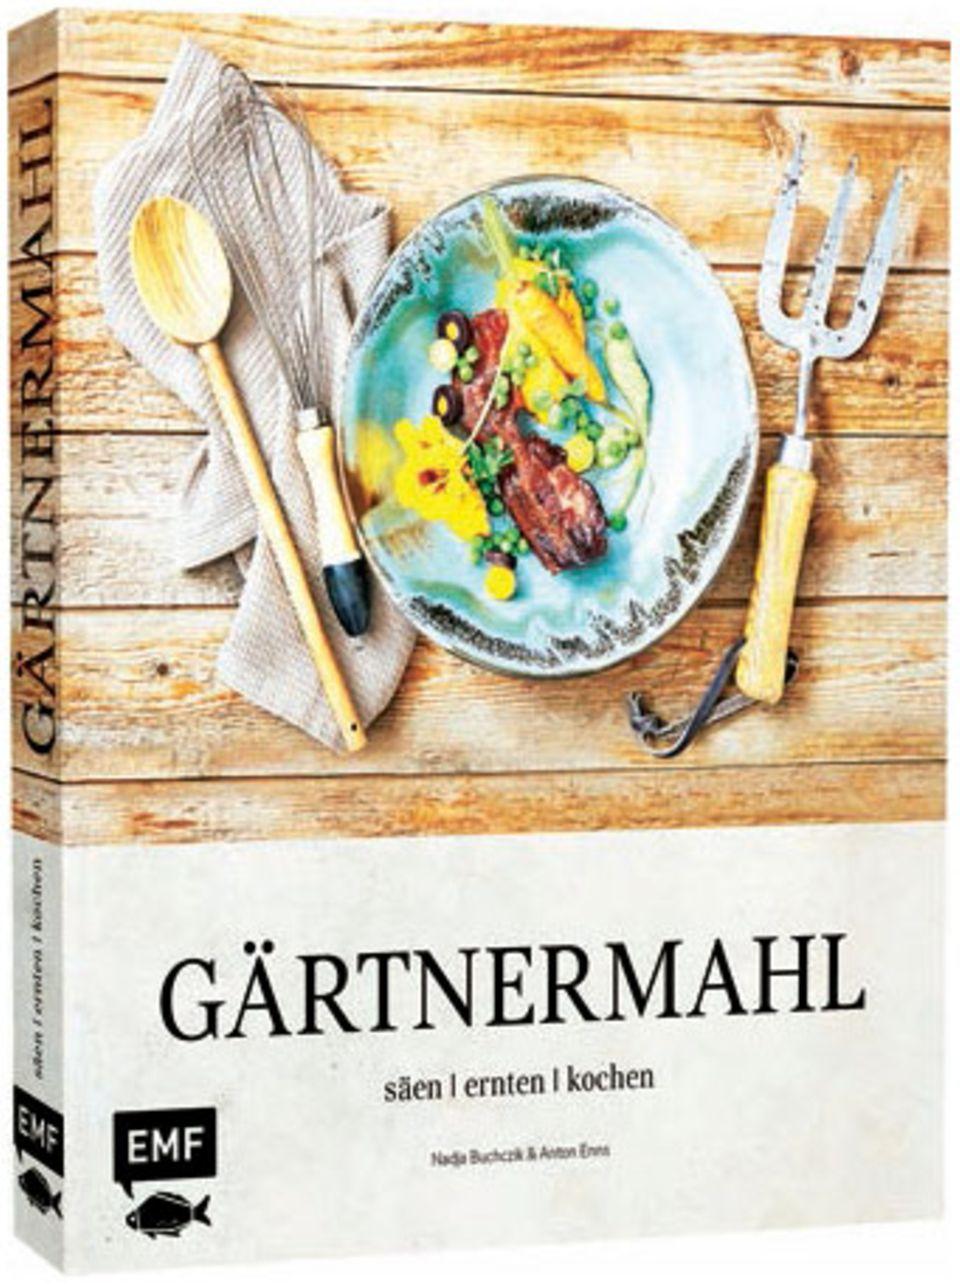 """Säen, ernten, kochen ist die Devise der Food-Autoren Nadja Buchczik und Anton Enns. Was Selbstversorgern im besten Falle blüht, sind Delikatessen wie Basilikum-Malfatti oder Rhabarber-Chutney. (""""Gärtnermahl"""", Edition Michael Fischer, 176 S., 24,99 Euro)"""